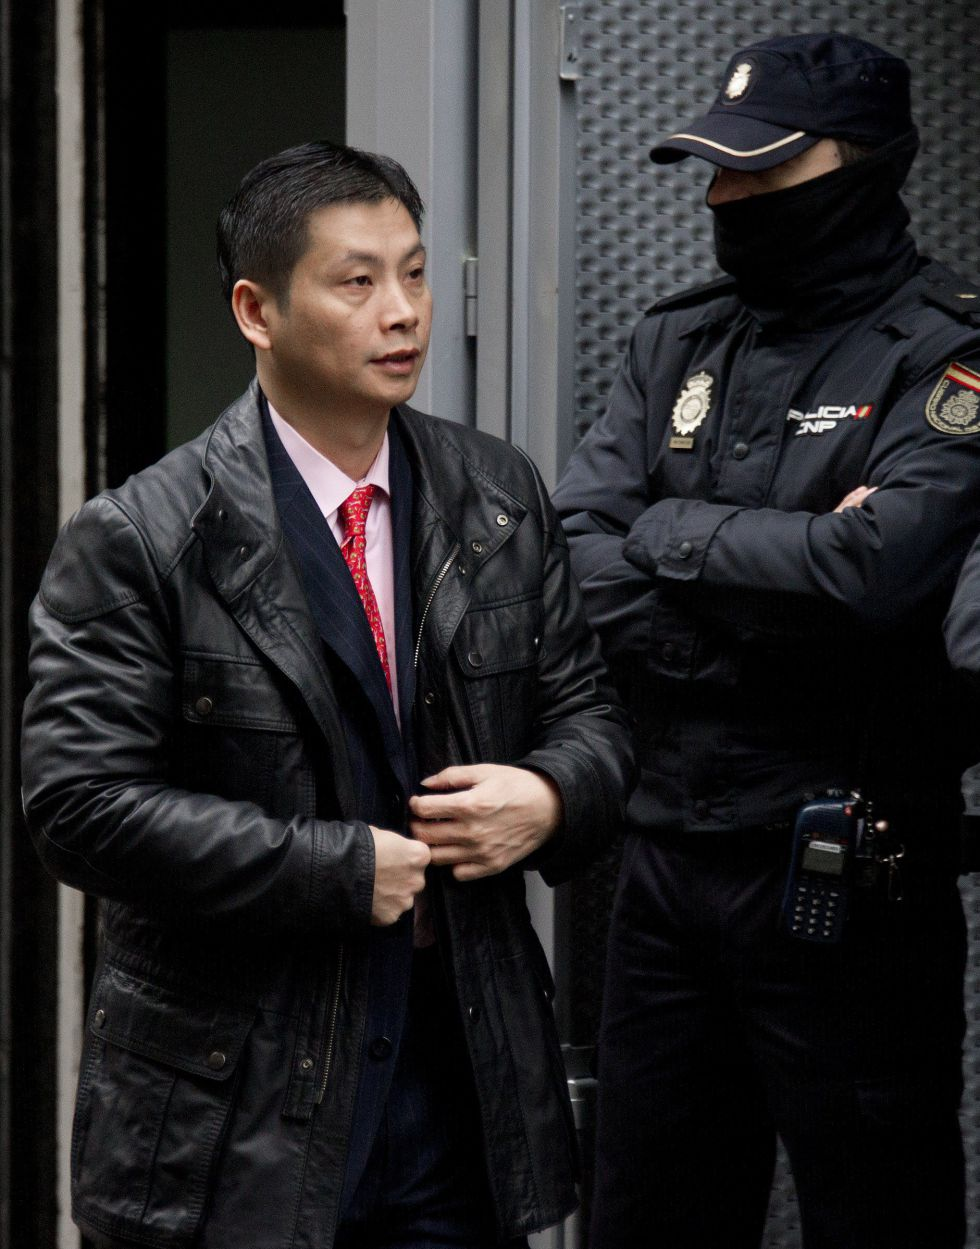 El Real Madrid desmiente su presunta relación con Gao Ping